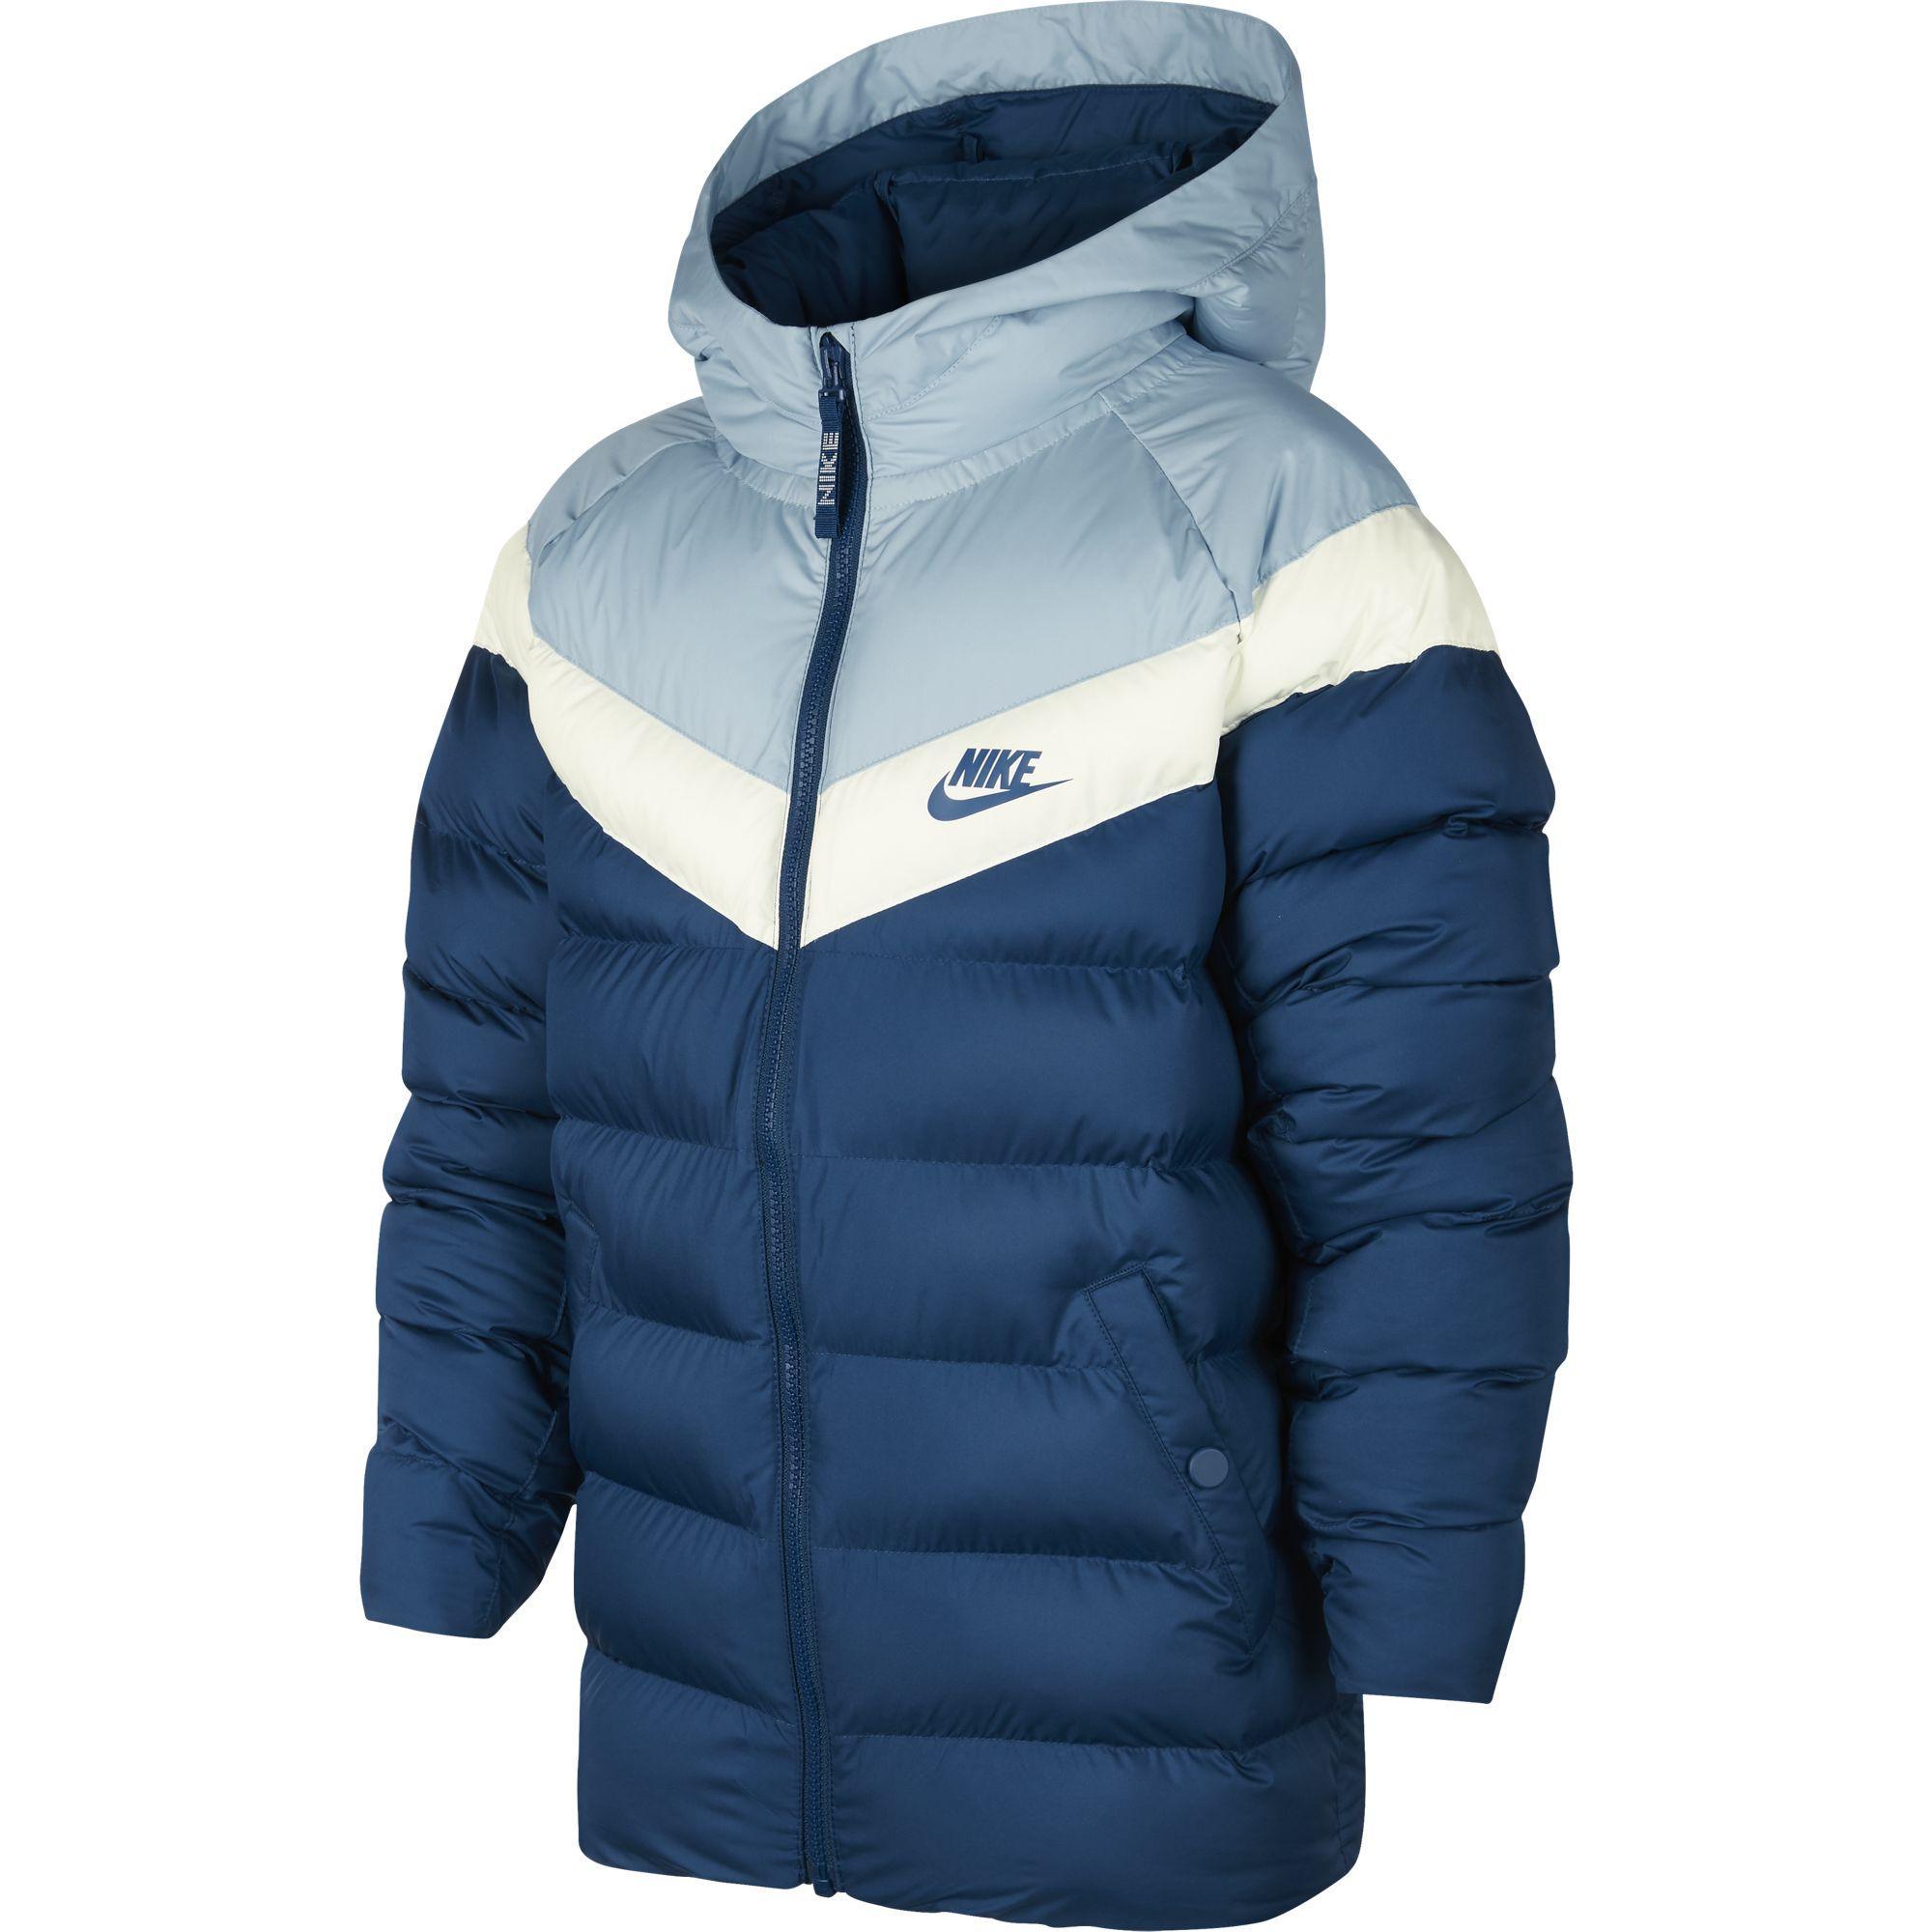 4d2b9be93 Nike Kids Sportswear Synthetic Fill Jacket - Blue Force/Ocean Bliss/Sail -  Tennisnuts.com